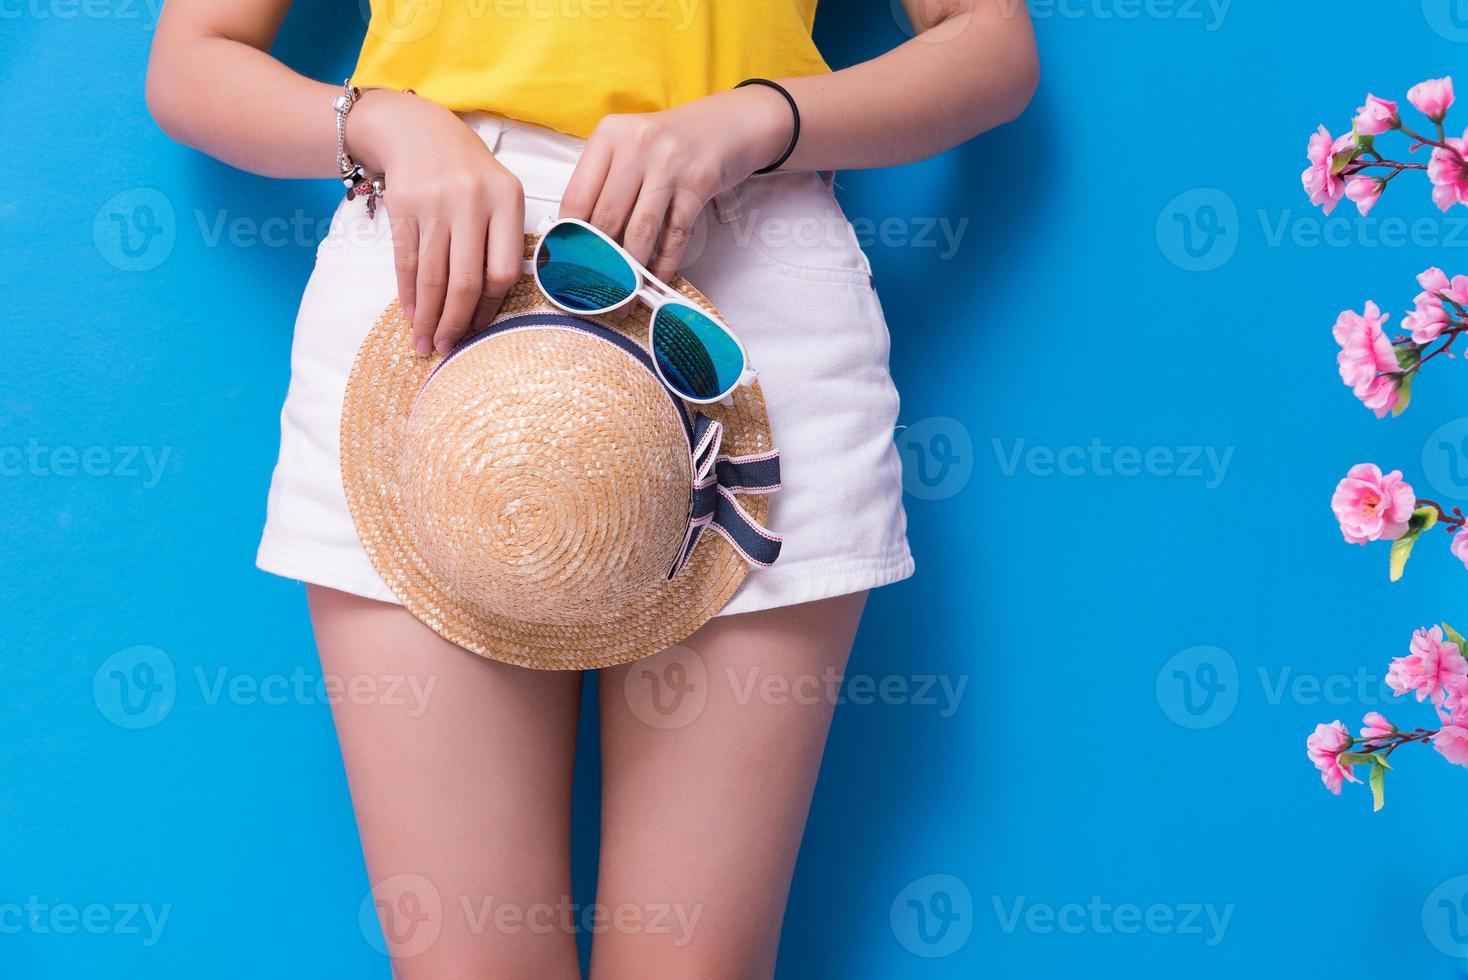 närbild av skönhetskvinna som poserar med solglasögon och halmhatt framför blå väggbakgrund. sommar och vintage koncept. lycka livsstil och människor porträtt tema. söt pastellton. underkroppen foto